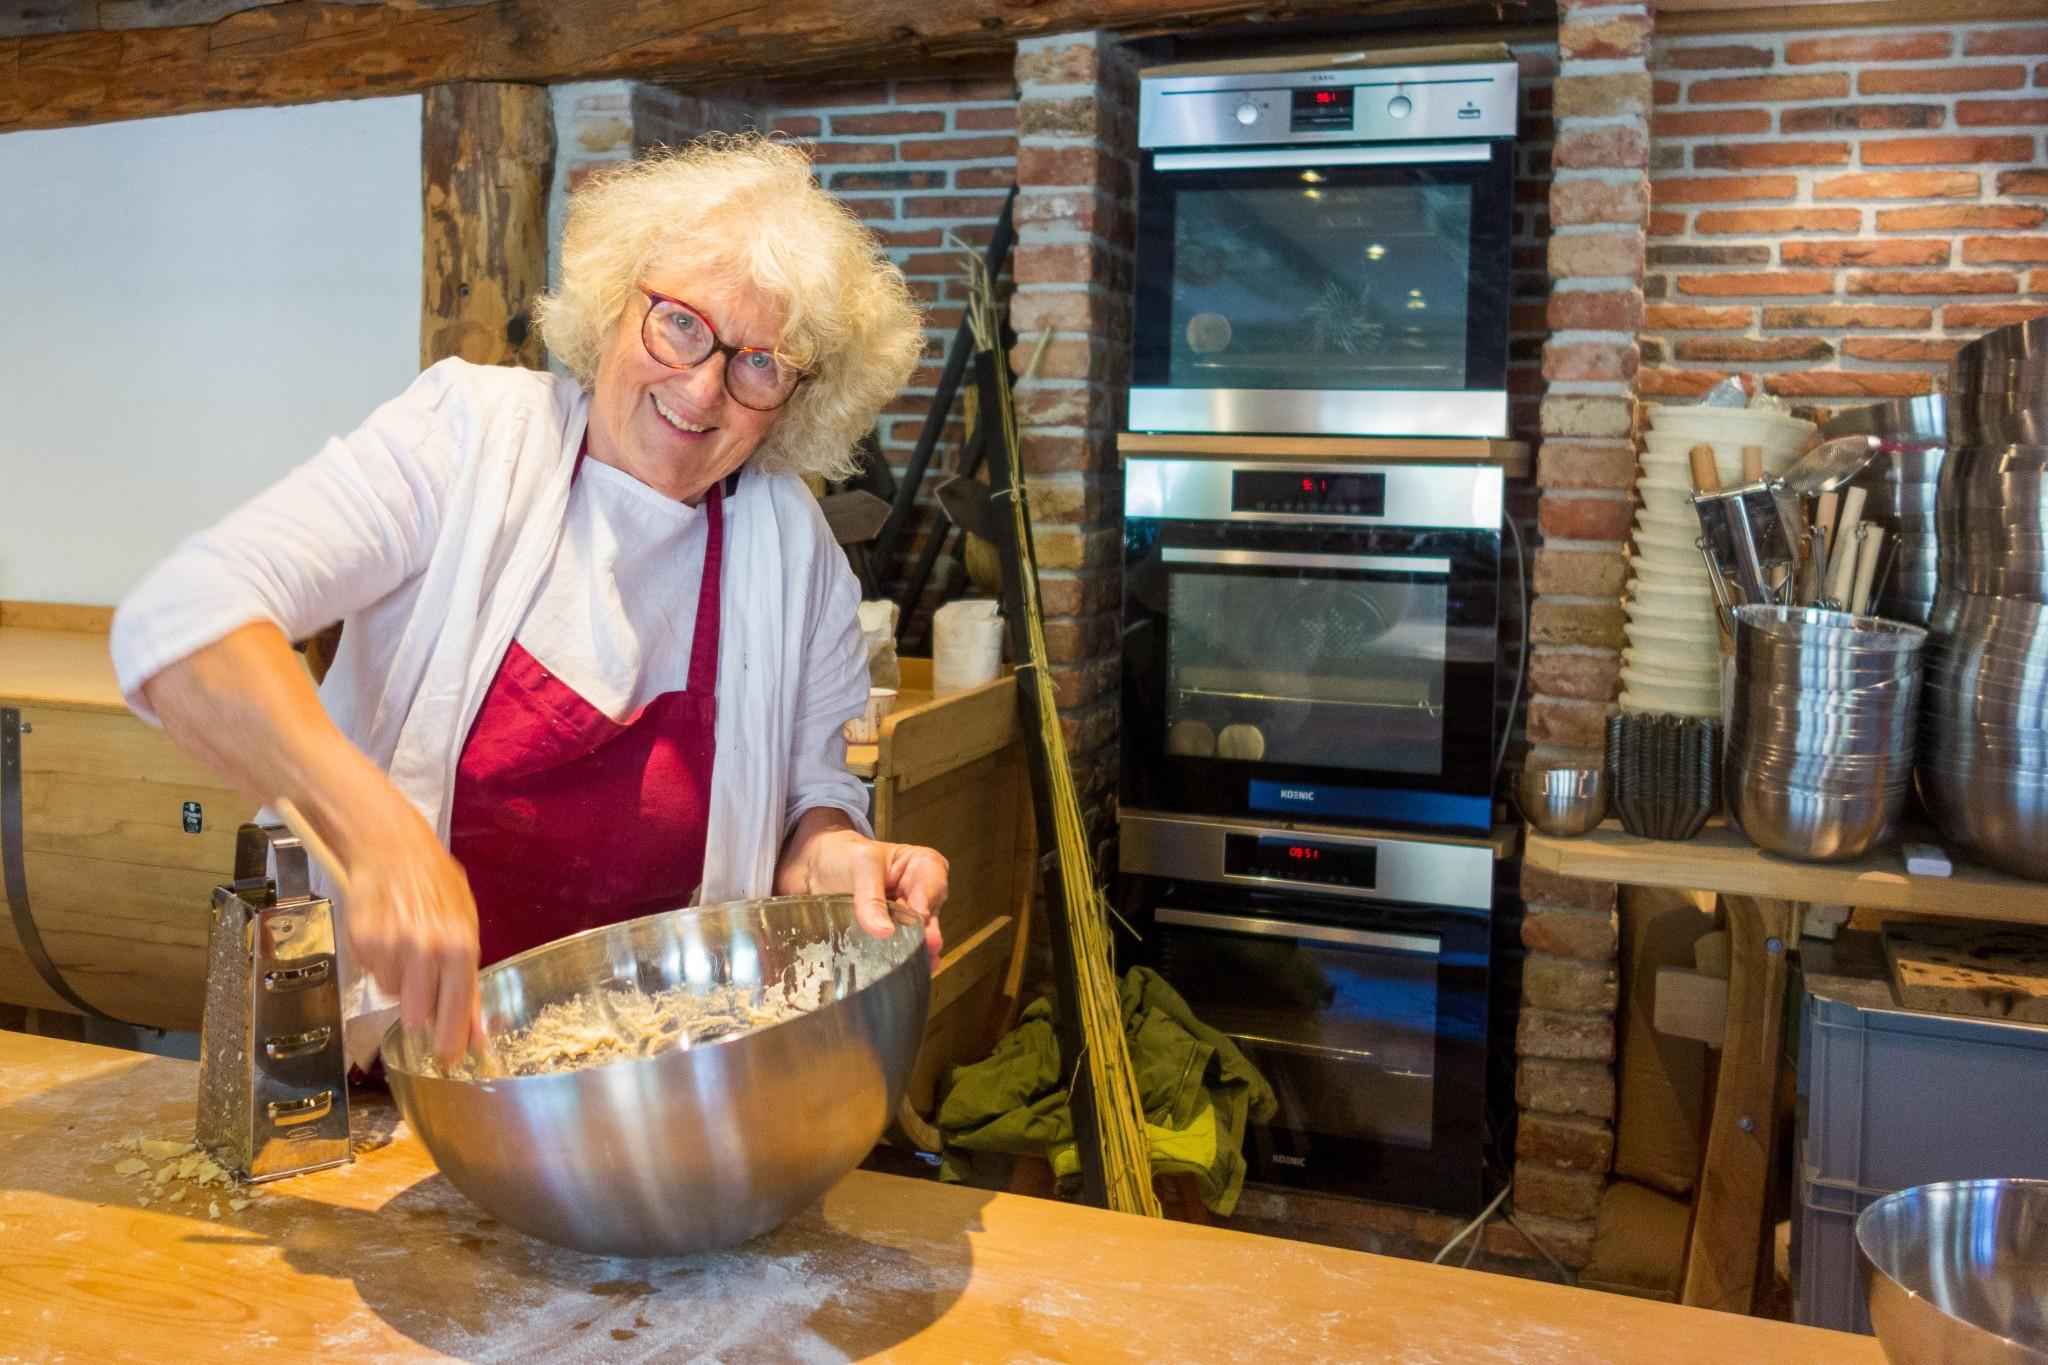 Roswitha Hubers Liebe zum Brot